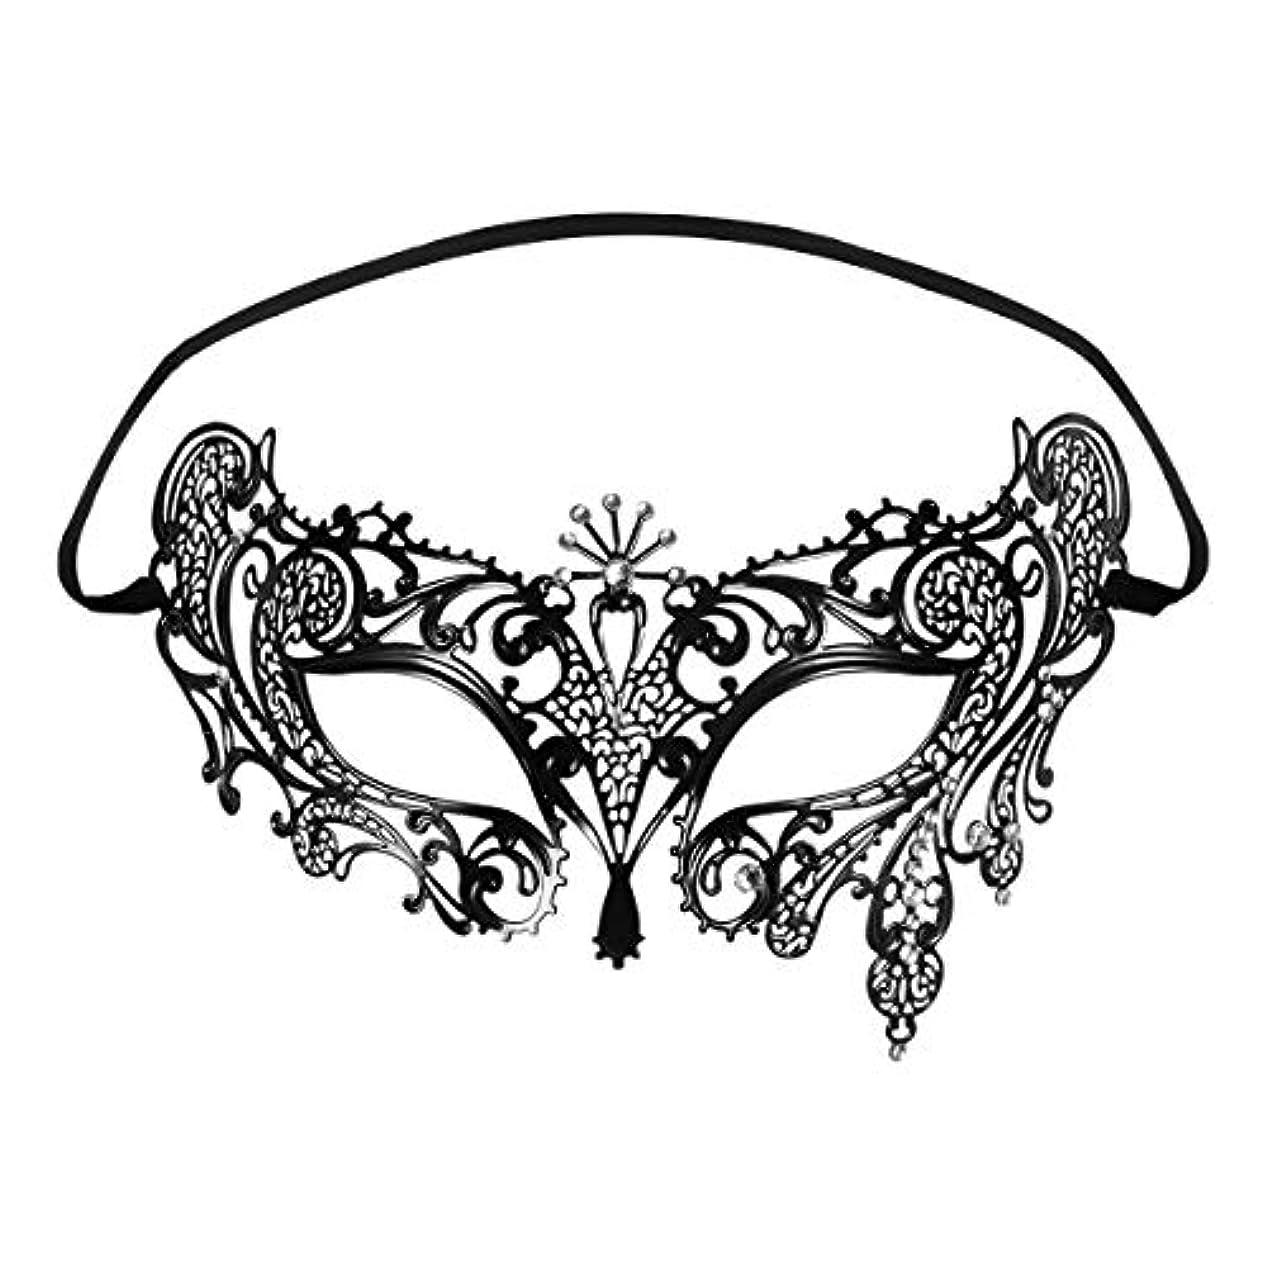 デュアルホイストやむを得ないFoxnovo Foxnovoファッション高級ベネチアンスタイルディアマンテメタルフィリグリー仮装用マスク結婚式/パーティー用(ブラック)